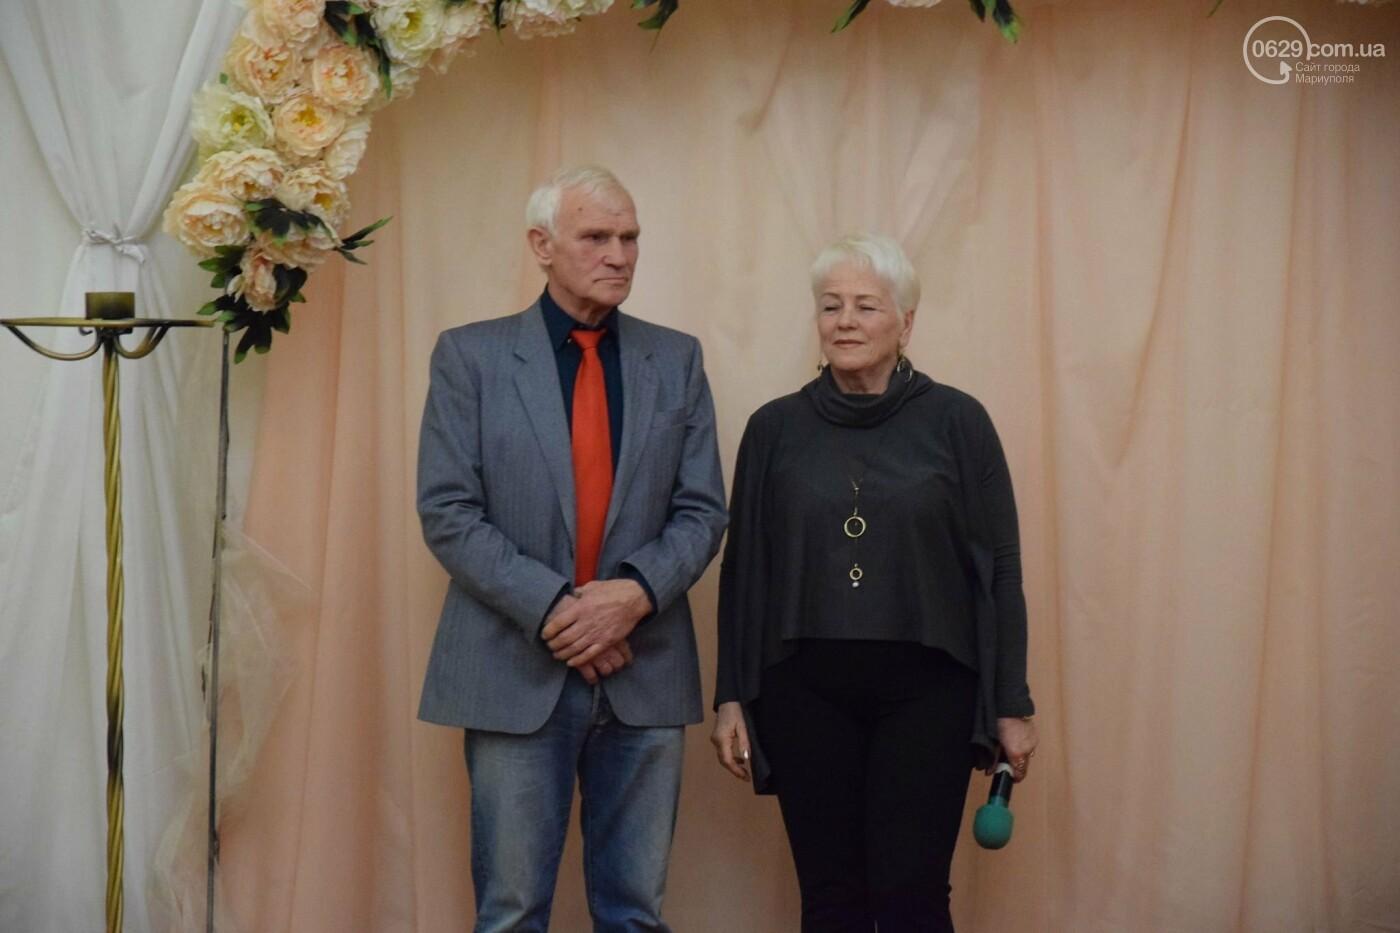 В  Мариуполе в День влюбленных расписали нетрадиционную пару,- ФОТО, ВИДЕО, фото-7